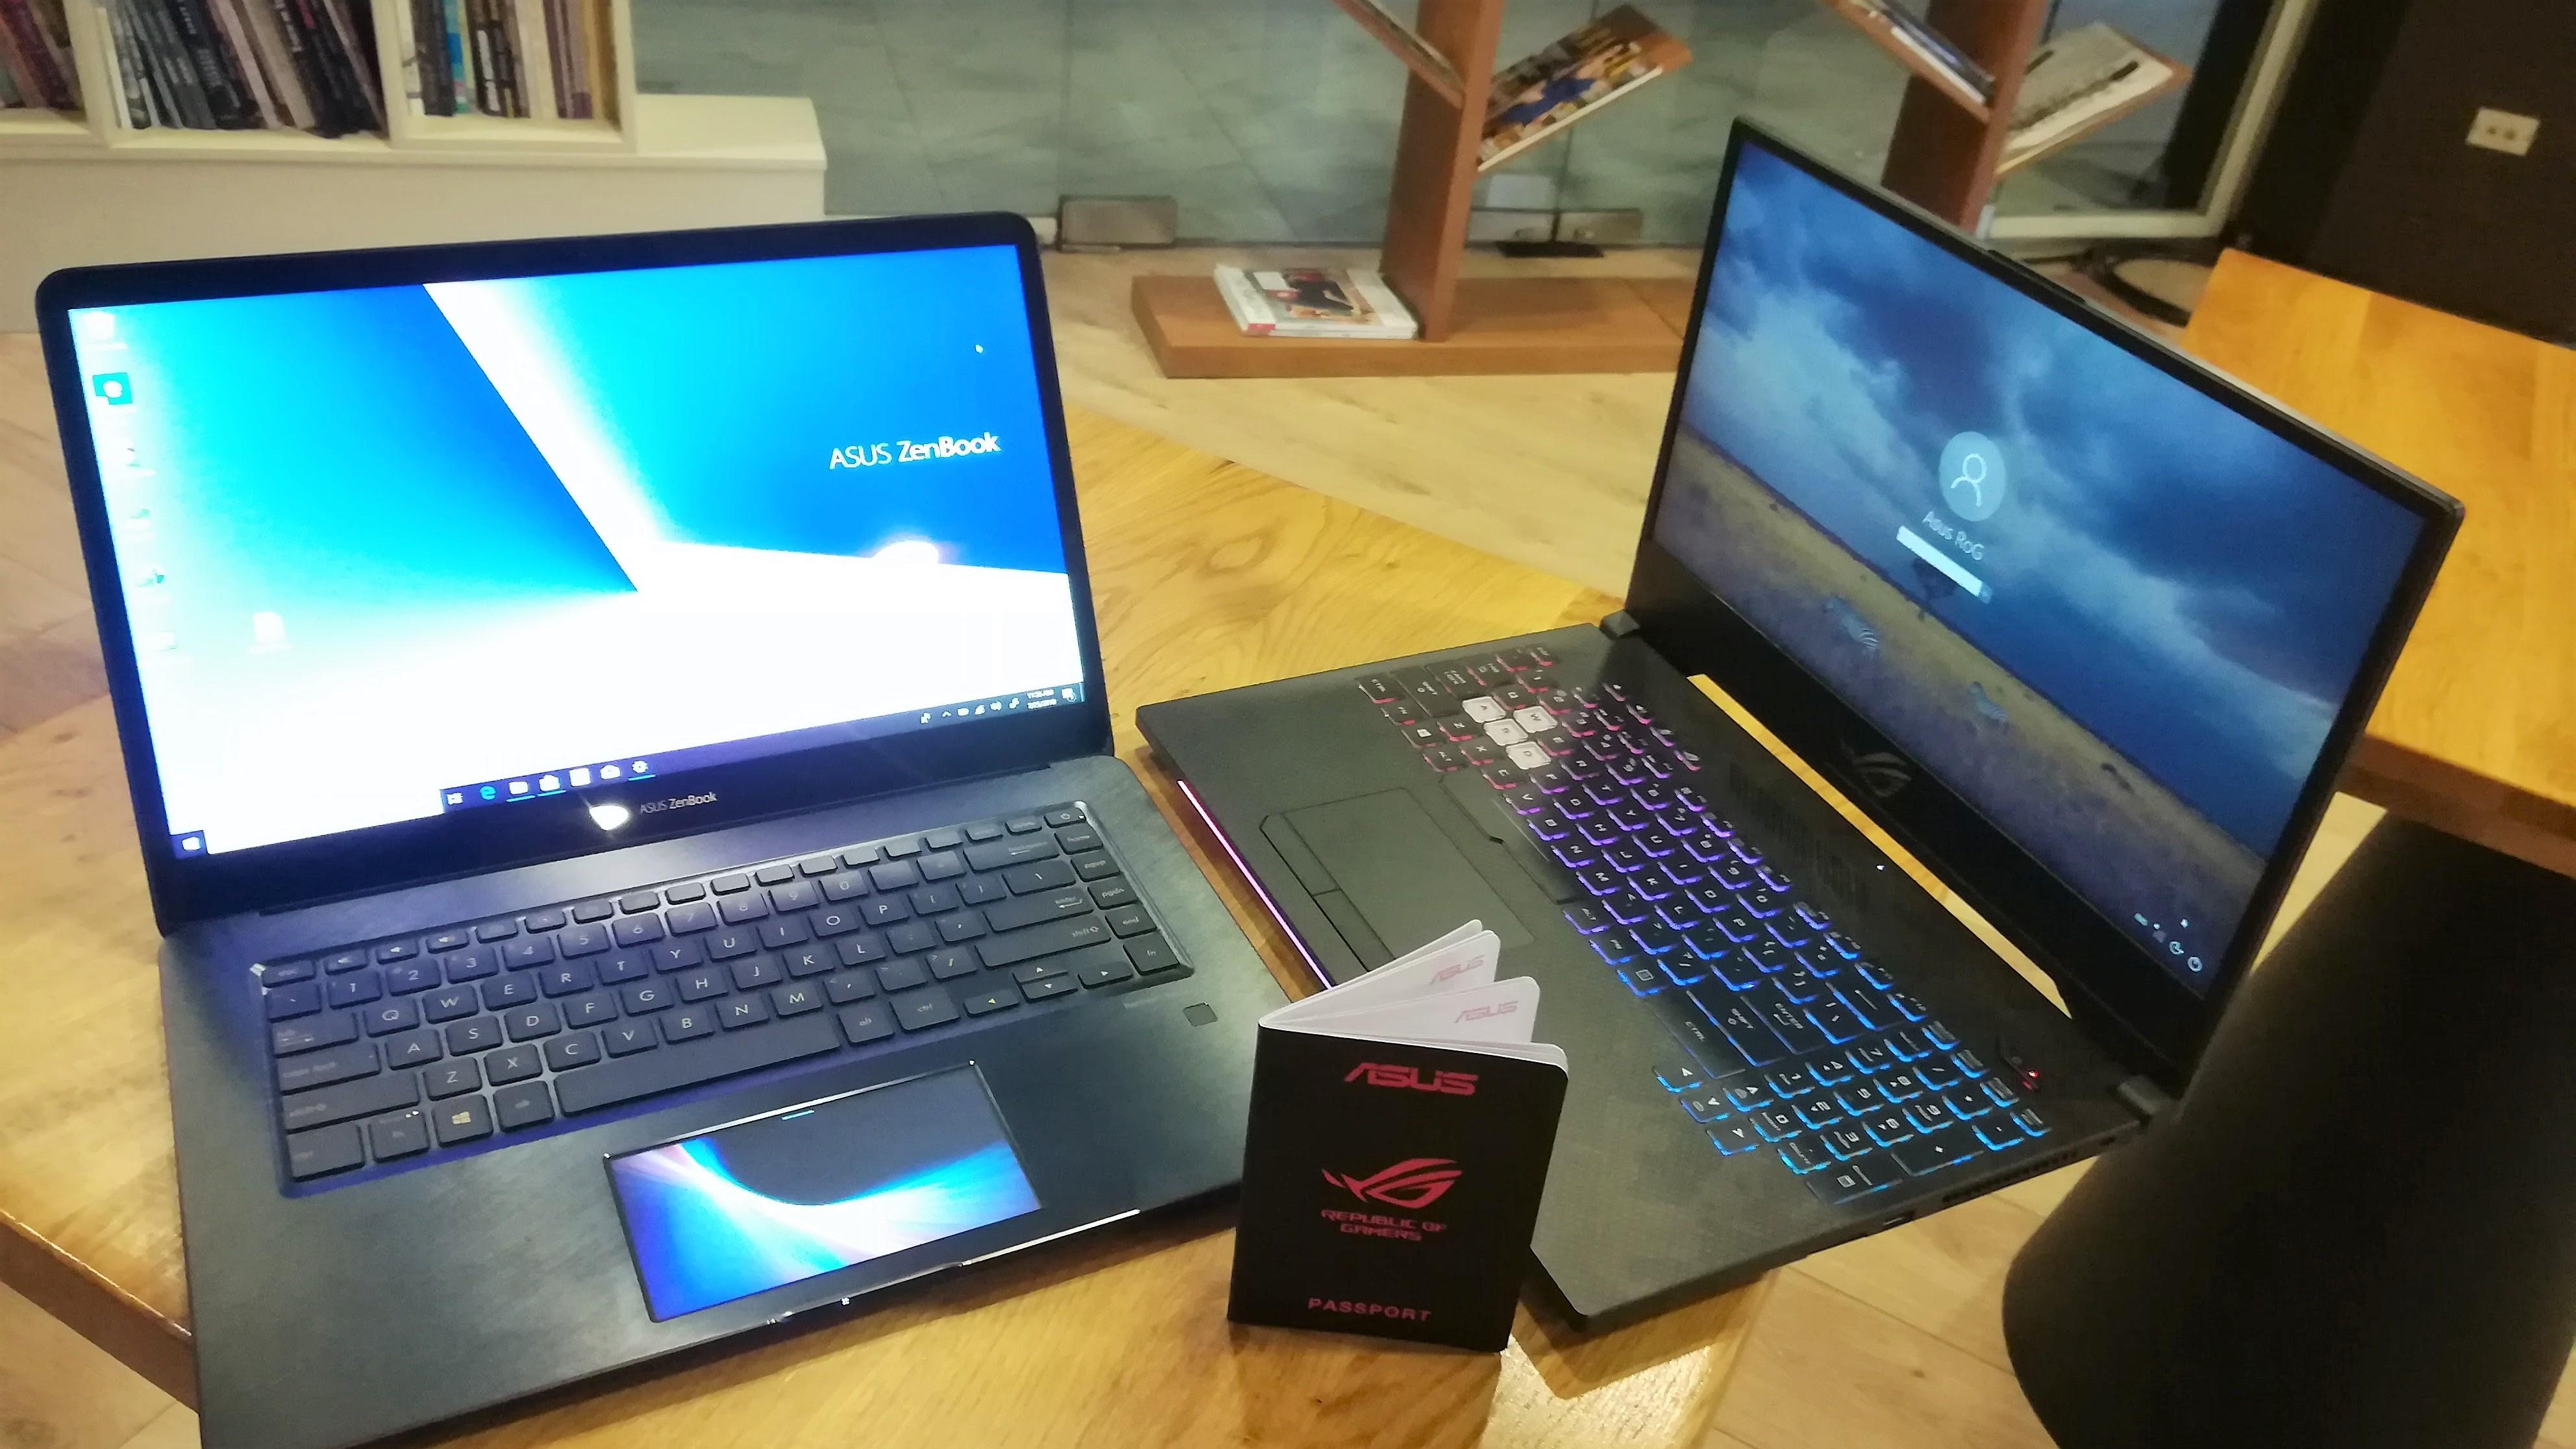 ASUS показа два нови лаптопа в България и пуска паспорти за запалени геймъри